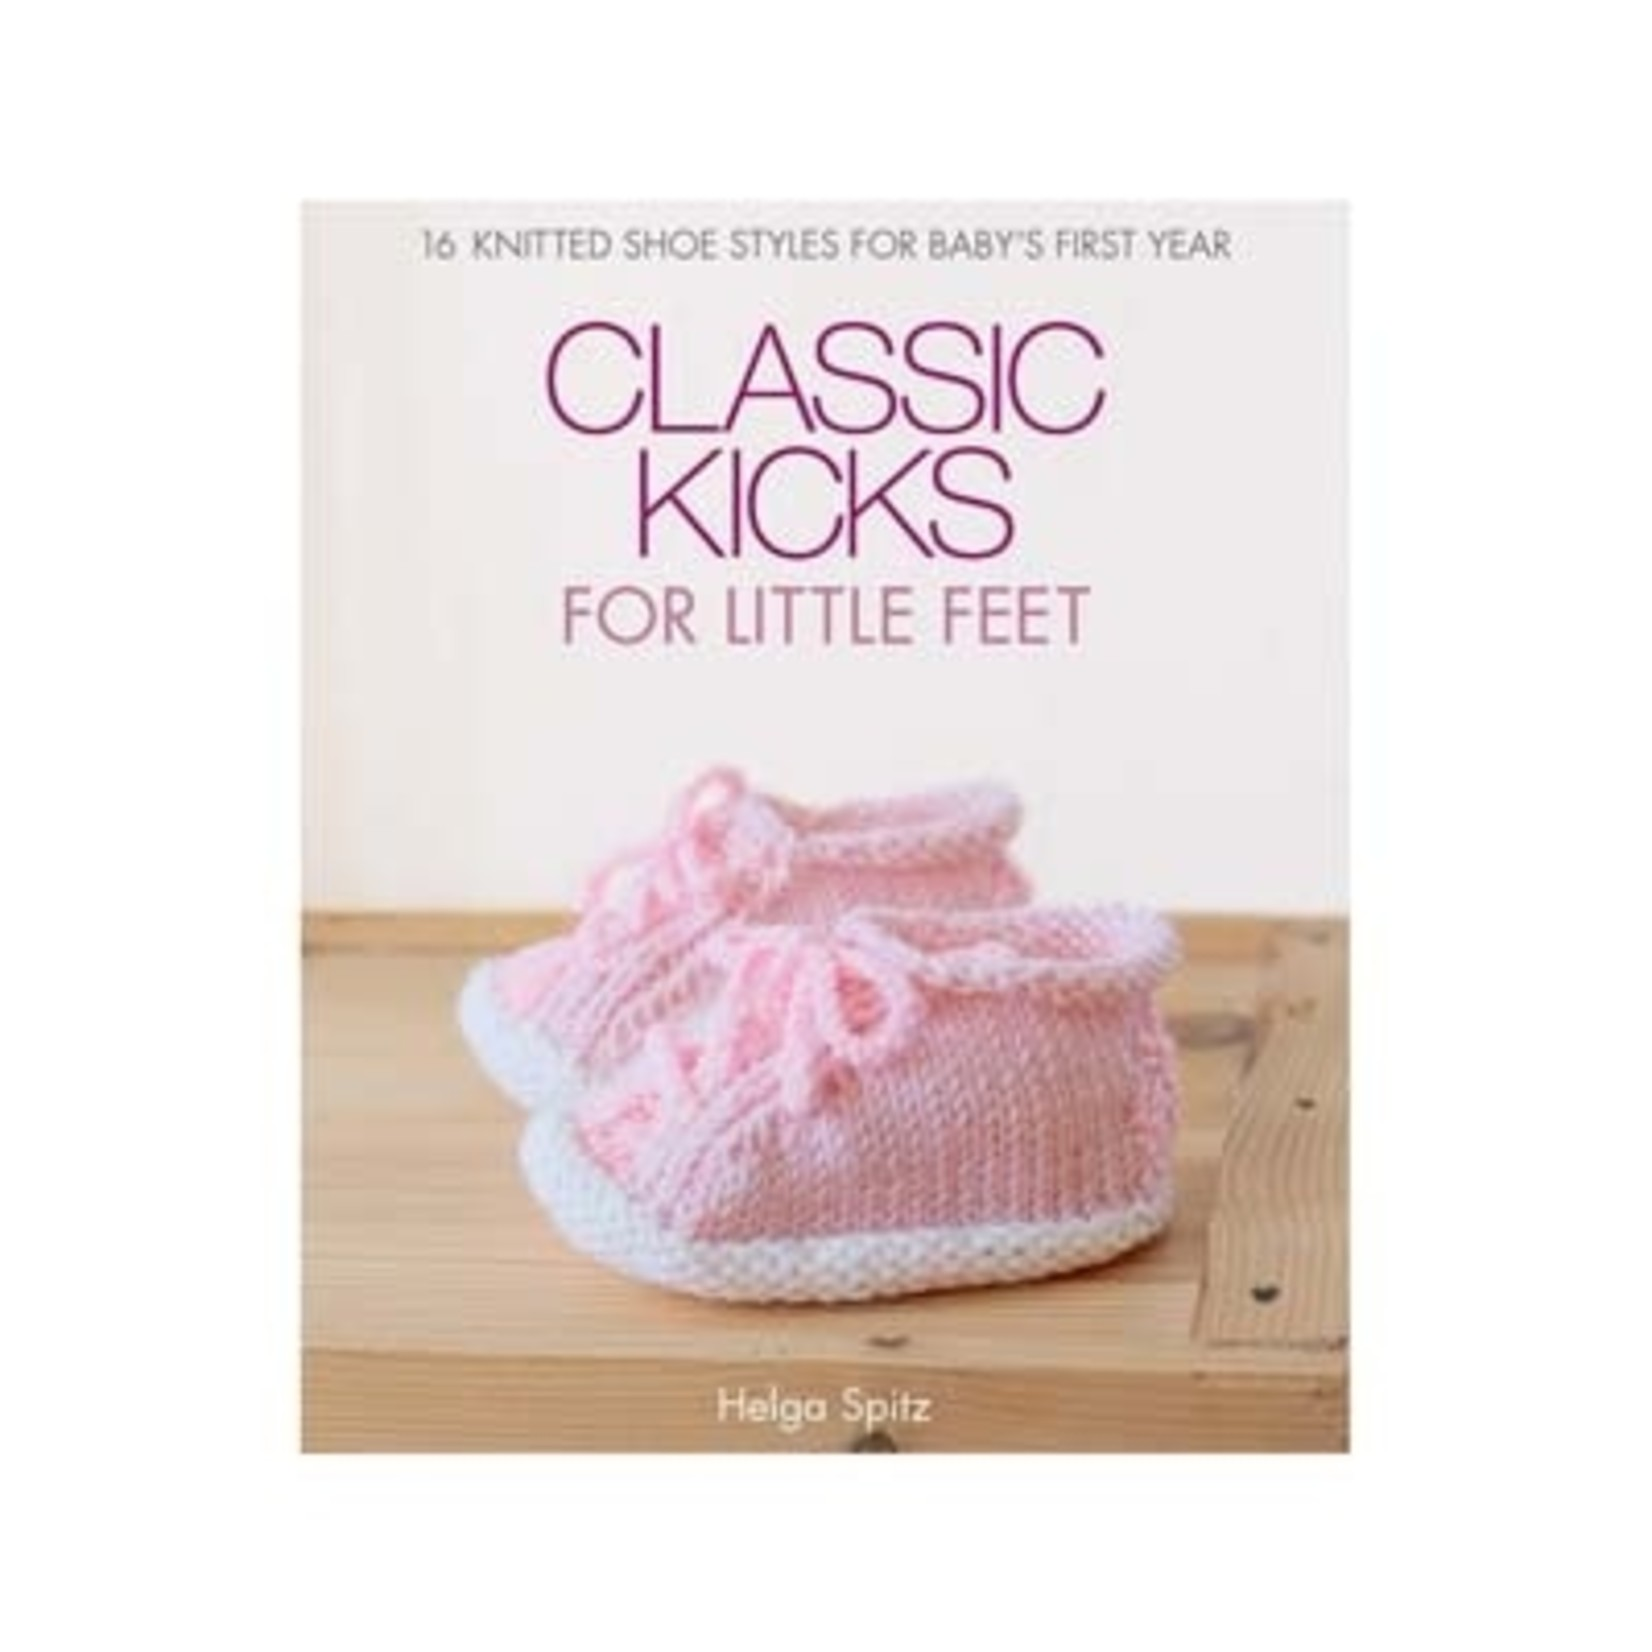 Classic Kicks for Little Feet - Helga Spitz